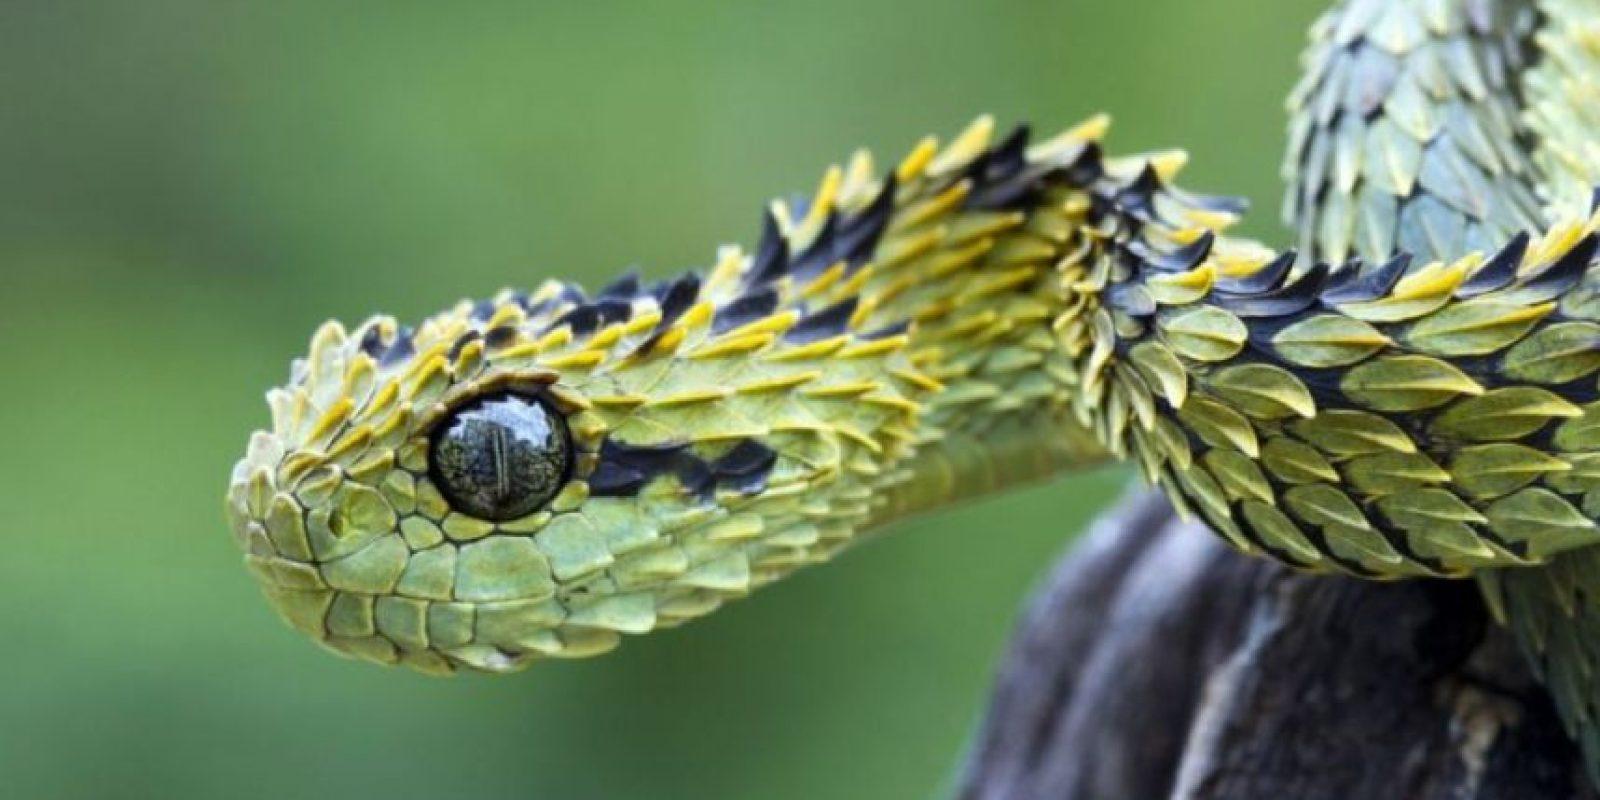 Serpiente arbusto: se camufla con la vegetación y vive en África. Caza de noche. Foto:Wikipedia